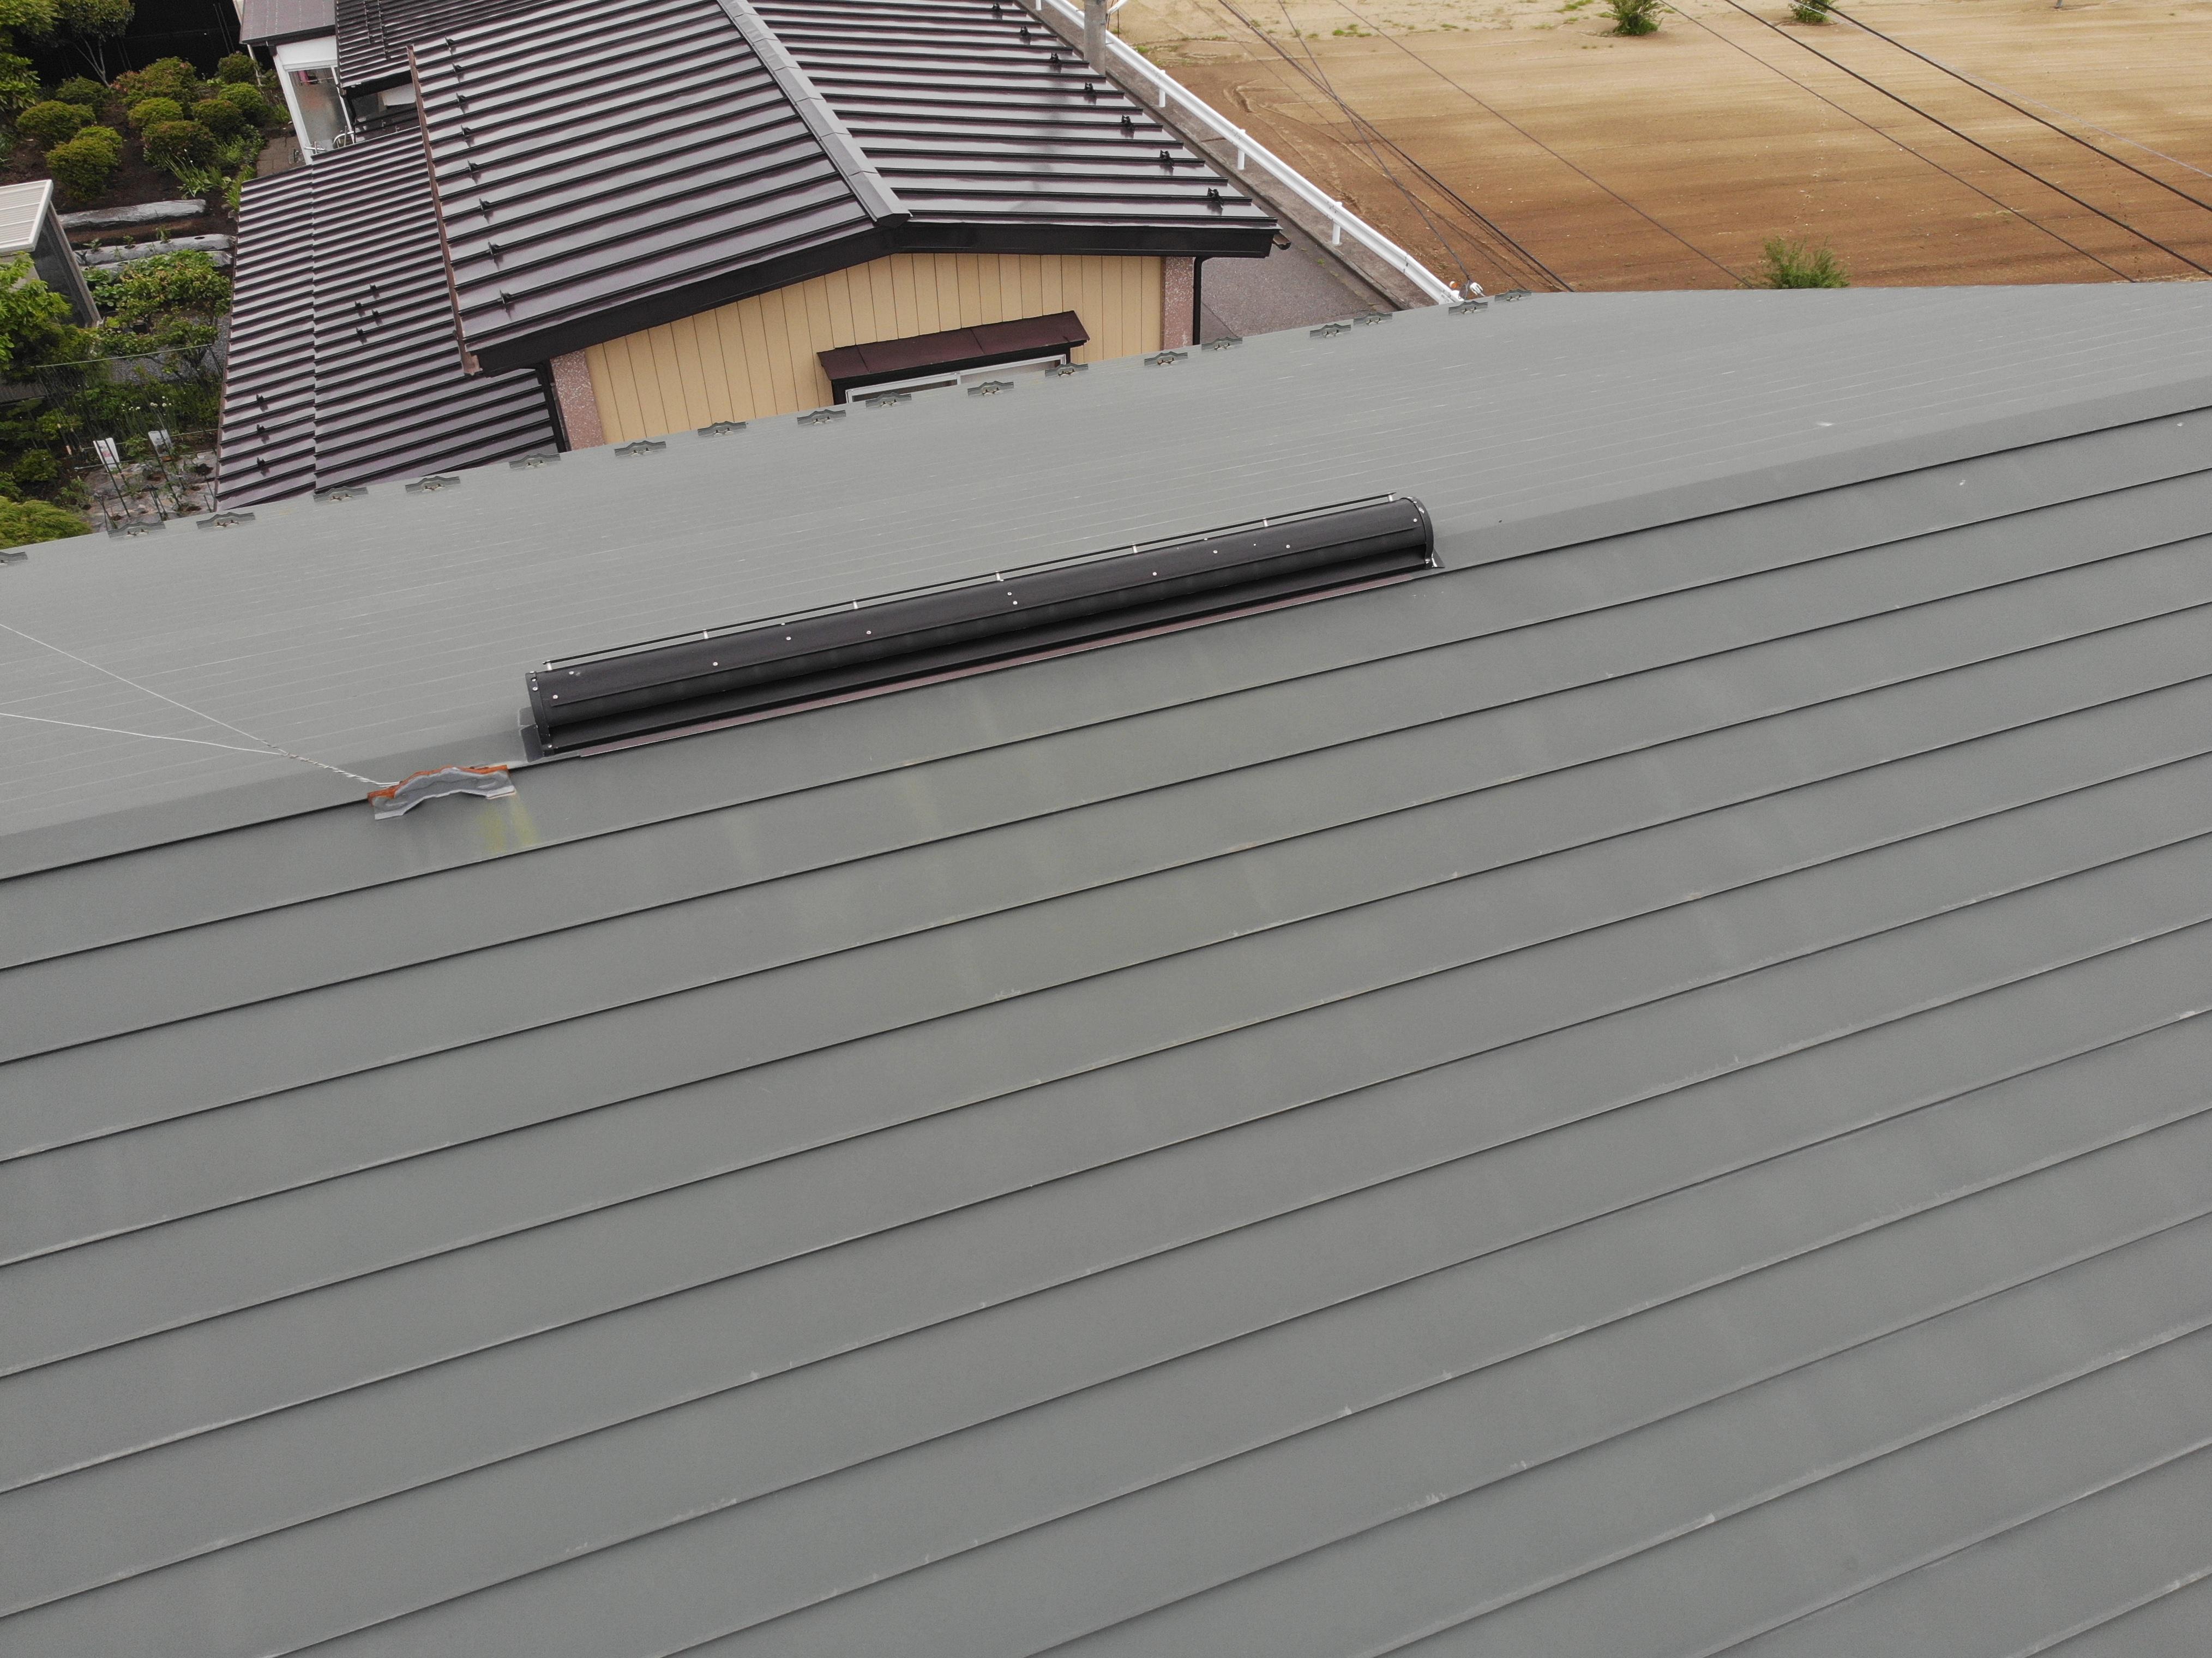 【八戸】ドローン調査 外壁塗装 屋根塗装 塗装業者 塗装屋 塗装会社